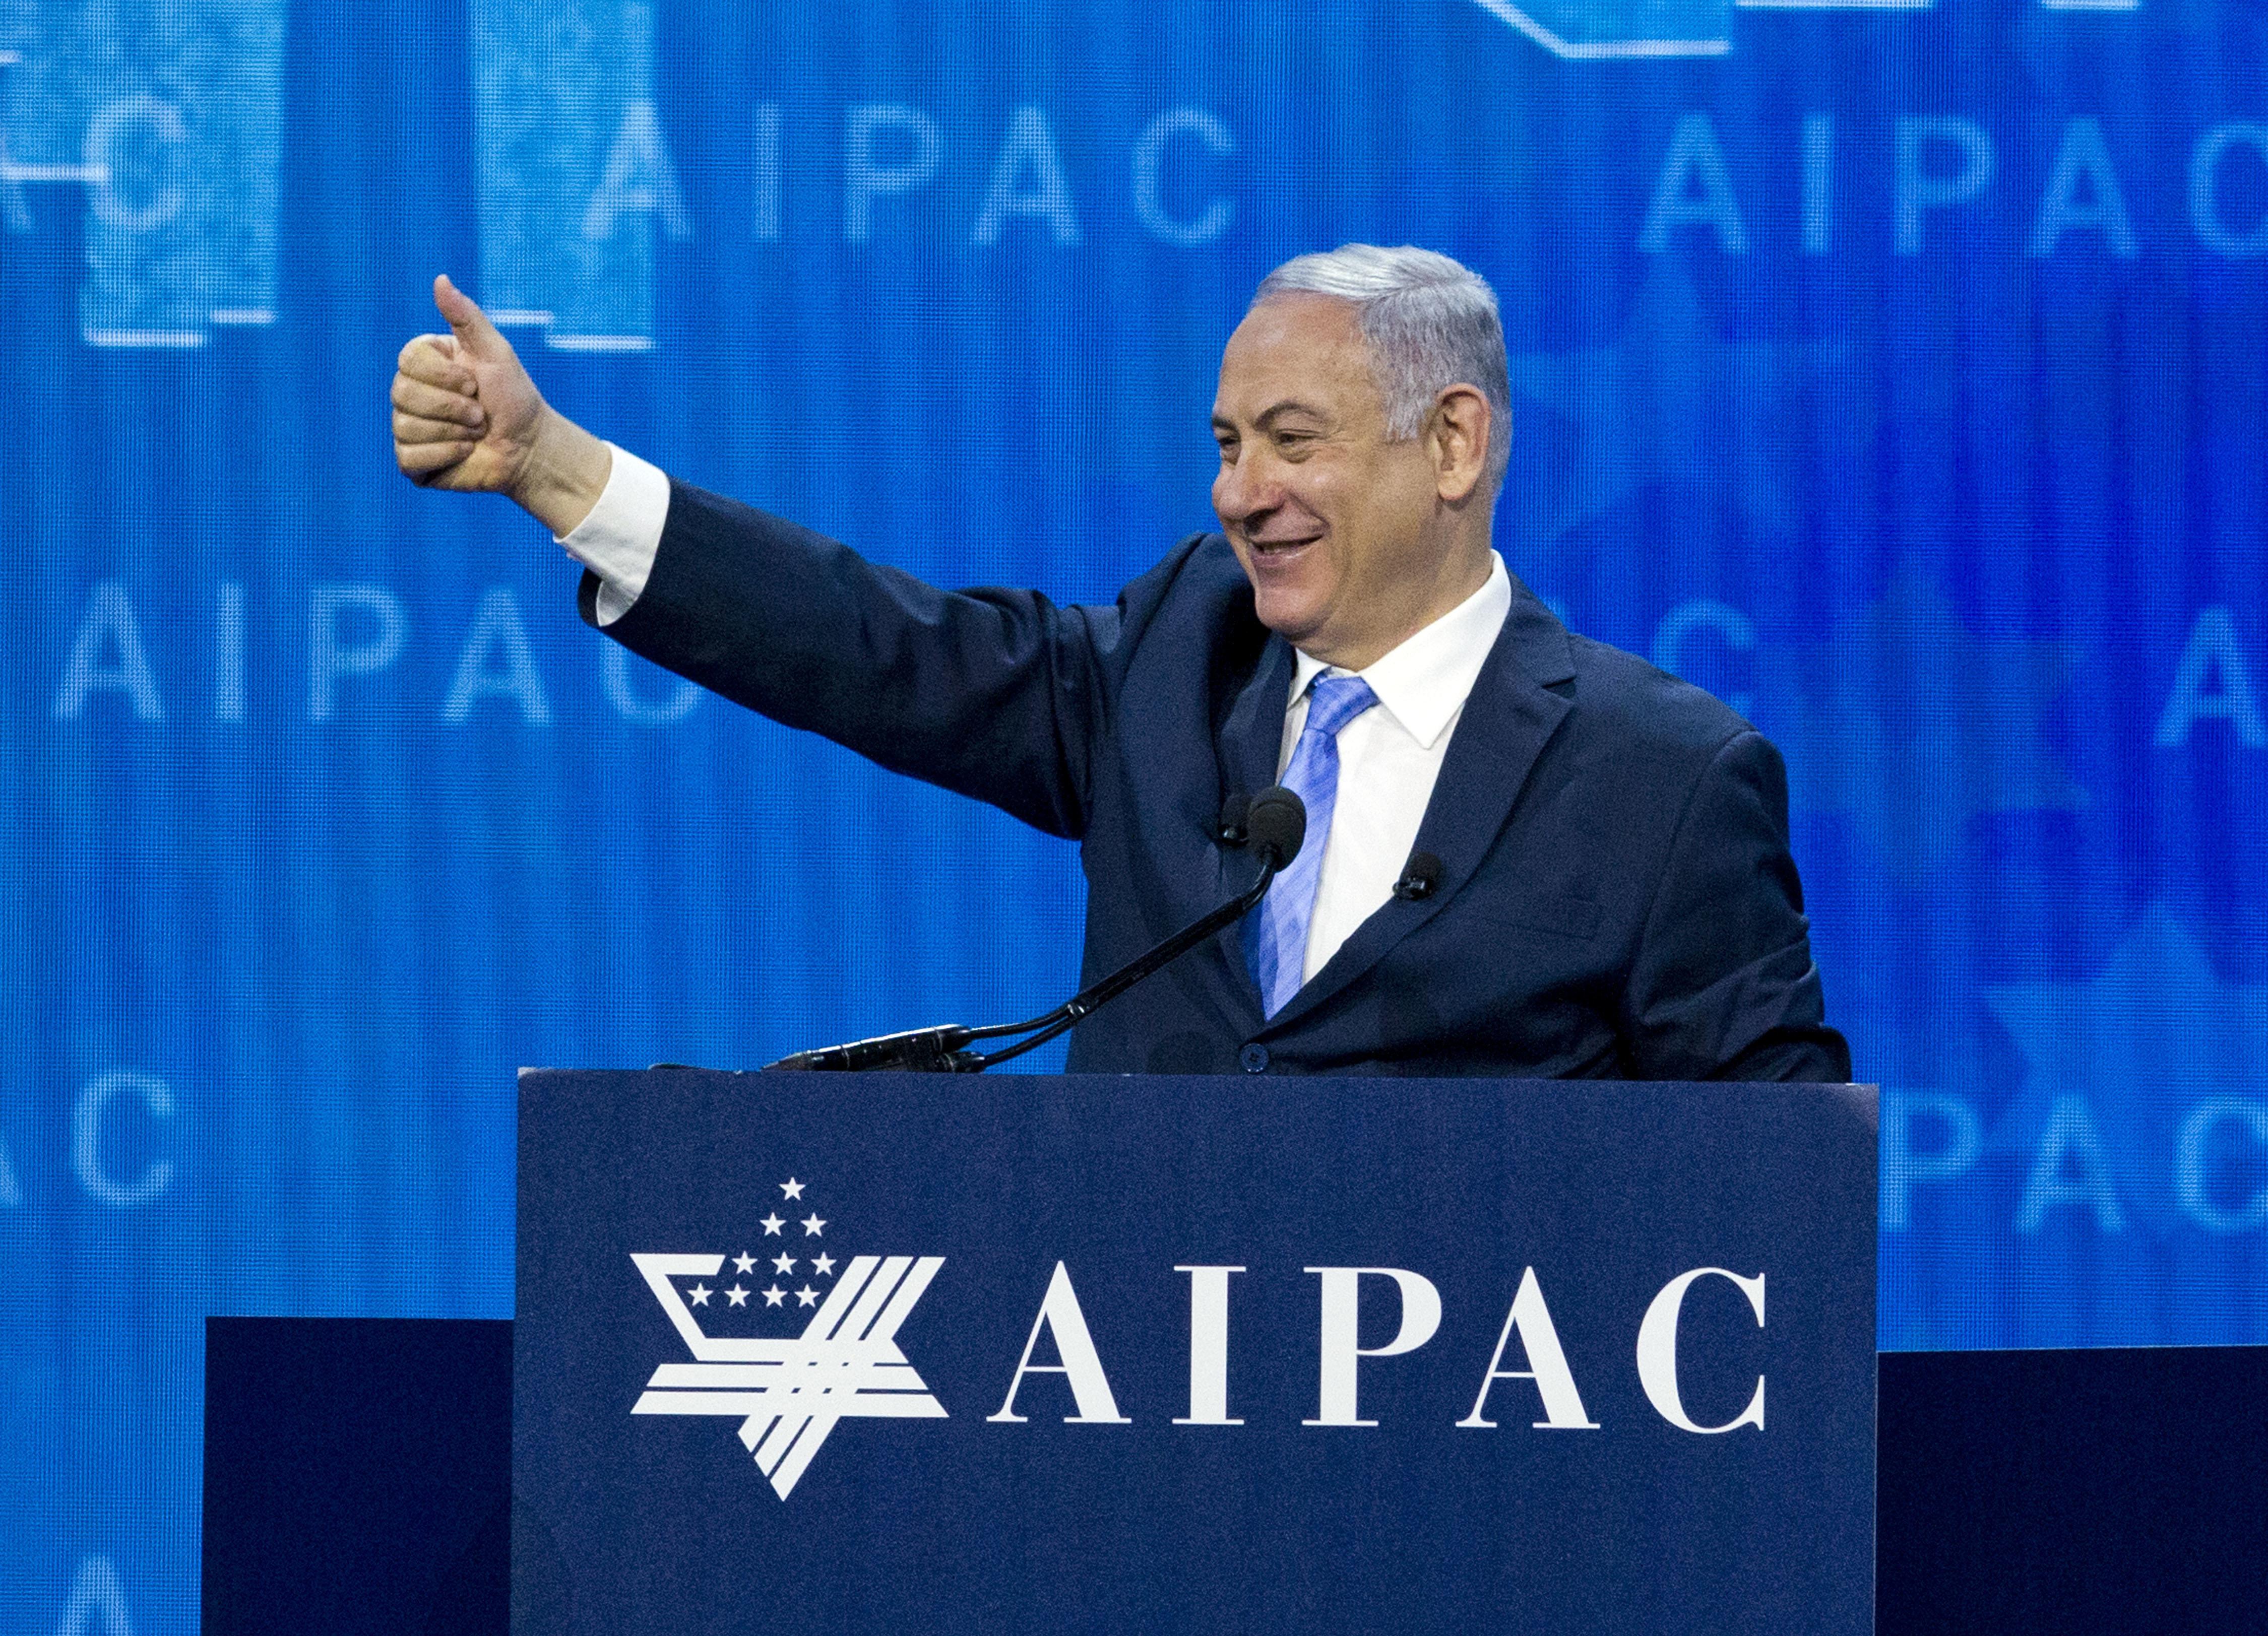 At AIPAC, Pence continues Trump attacks against Democrats